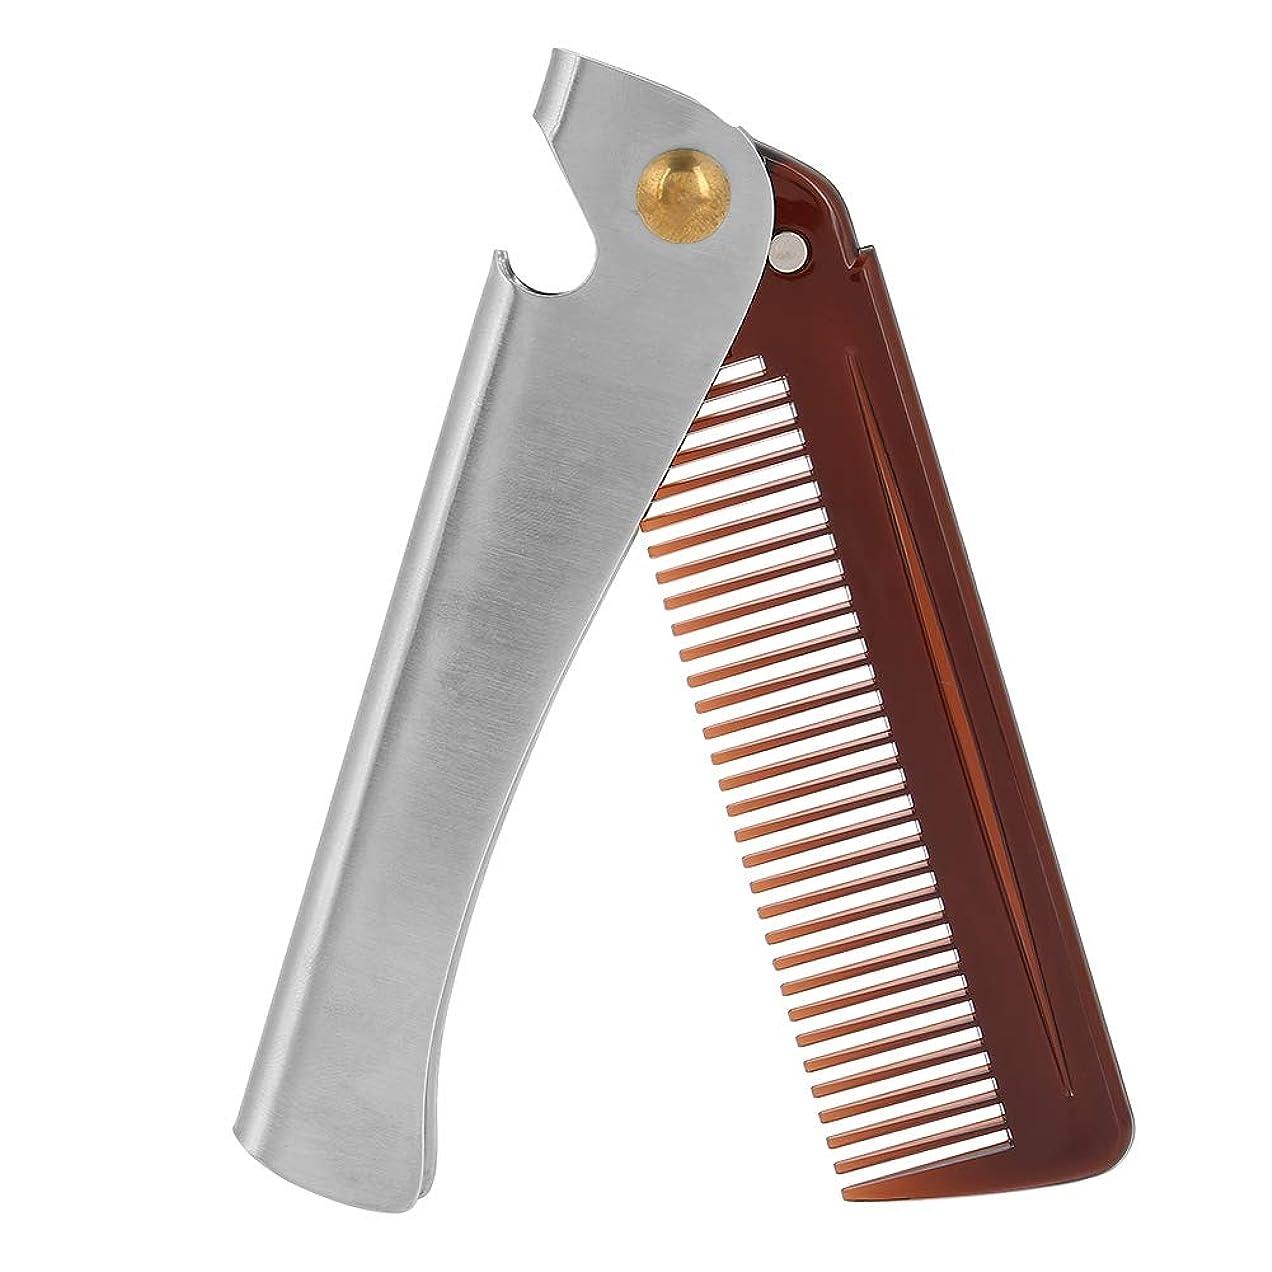 小間リサイクルする橋脚ステンレス製のひげの櫛の携帯用ステンレス製のひげの櫛の携帯用折りたたみ口ひげ用具の栓抜き